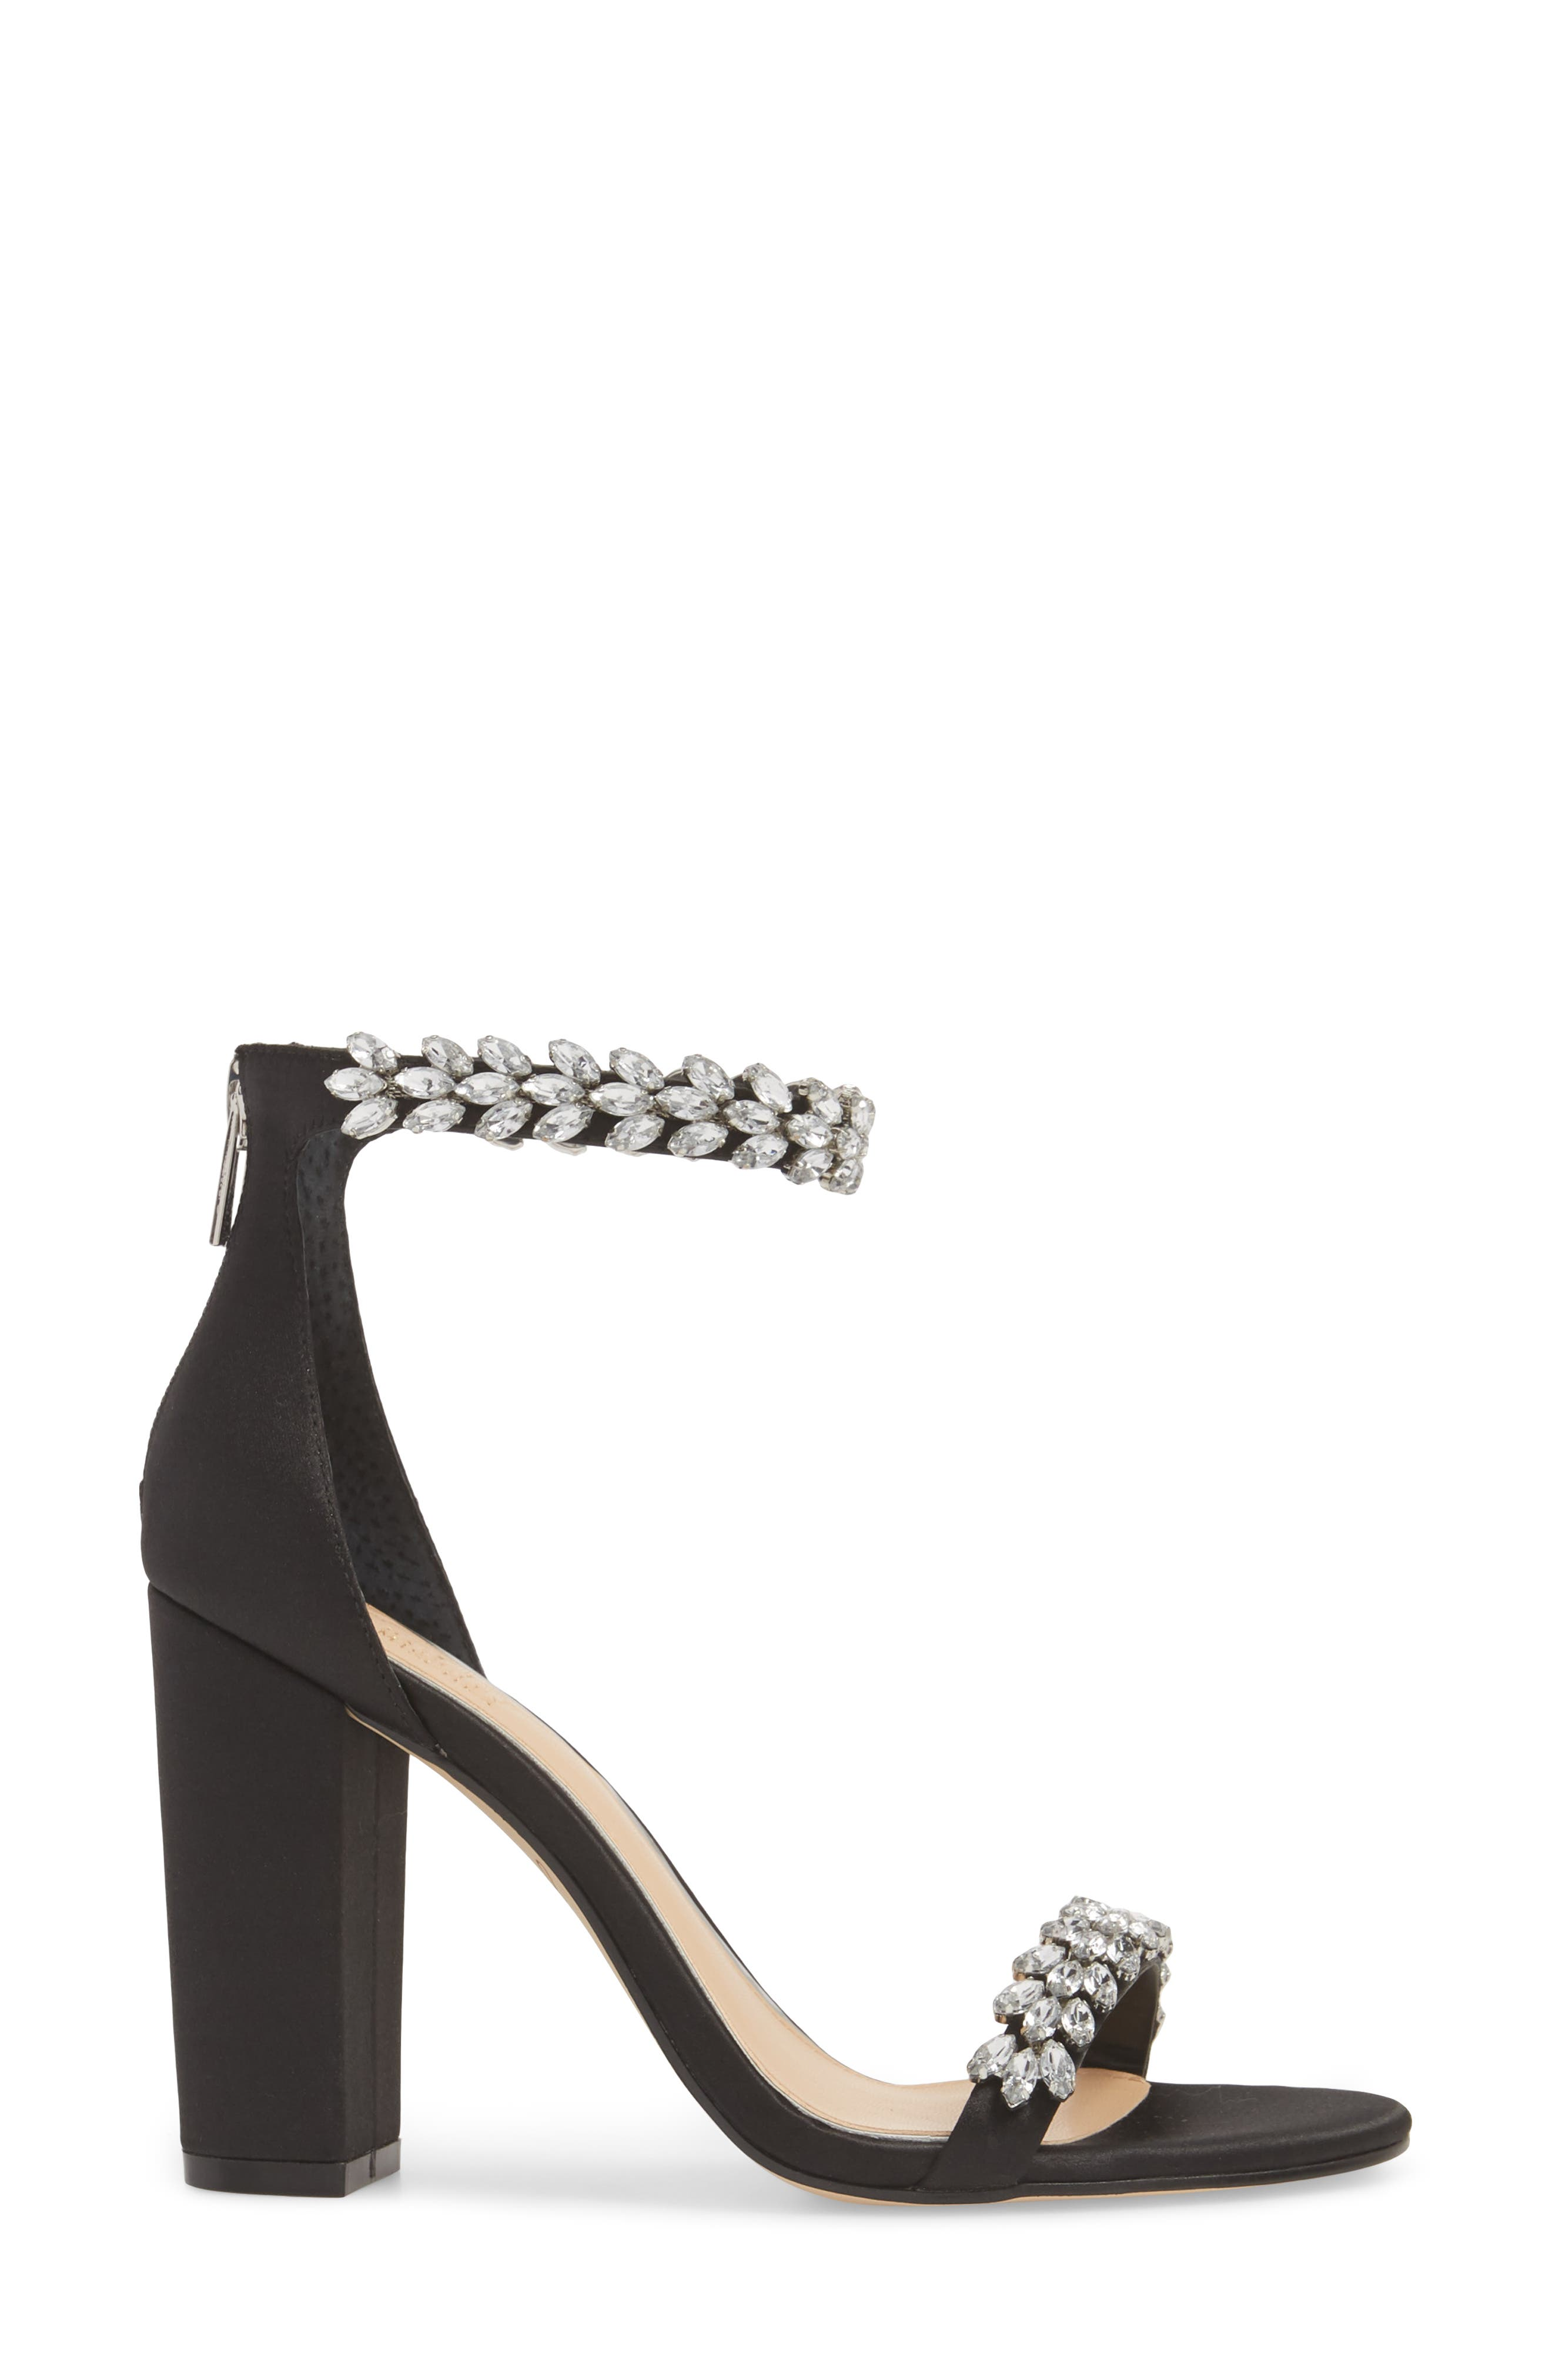 JEWEL BADGLEY MISCHKA,                             Jewel by Badgley Mischka Mayra Embellished Ankle Strap Sandal,                             Alternate thumbnail 3, color,                             BLACK SATIN